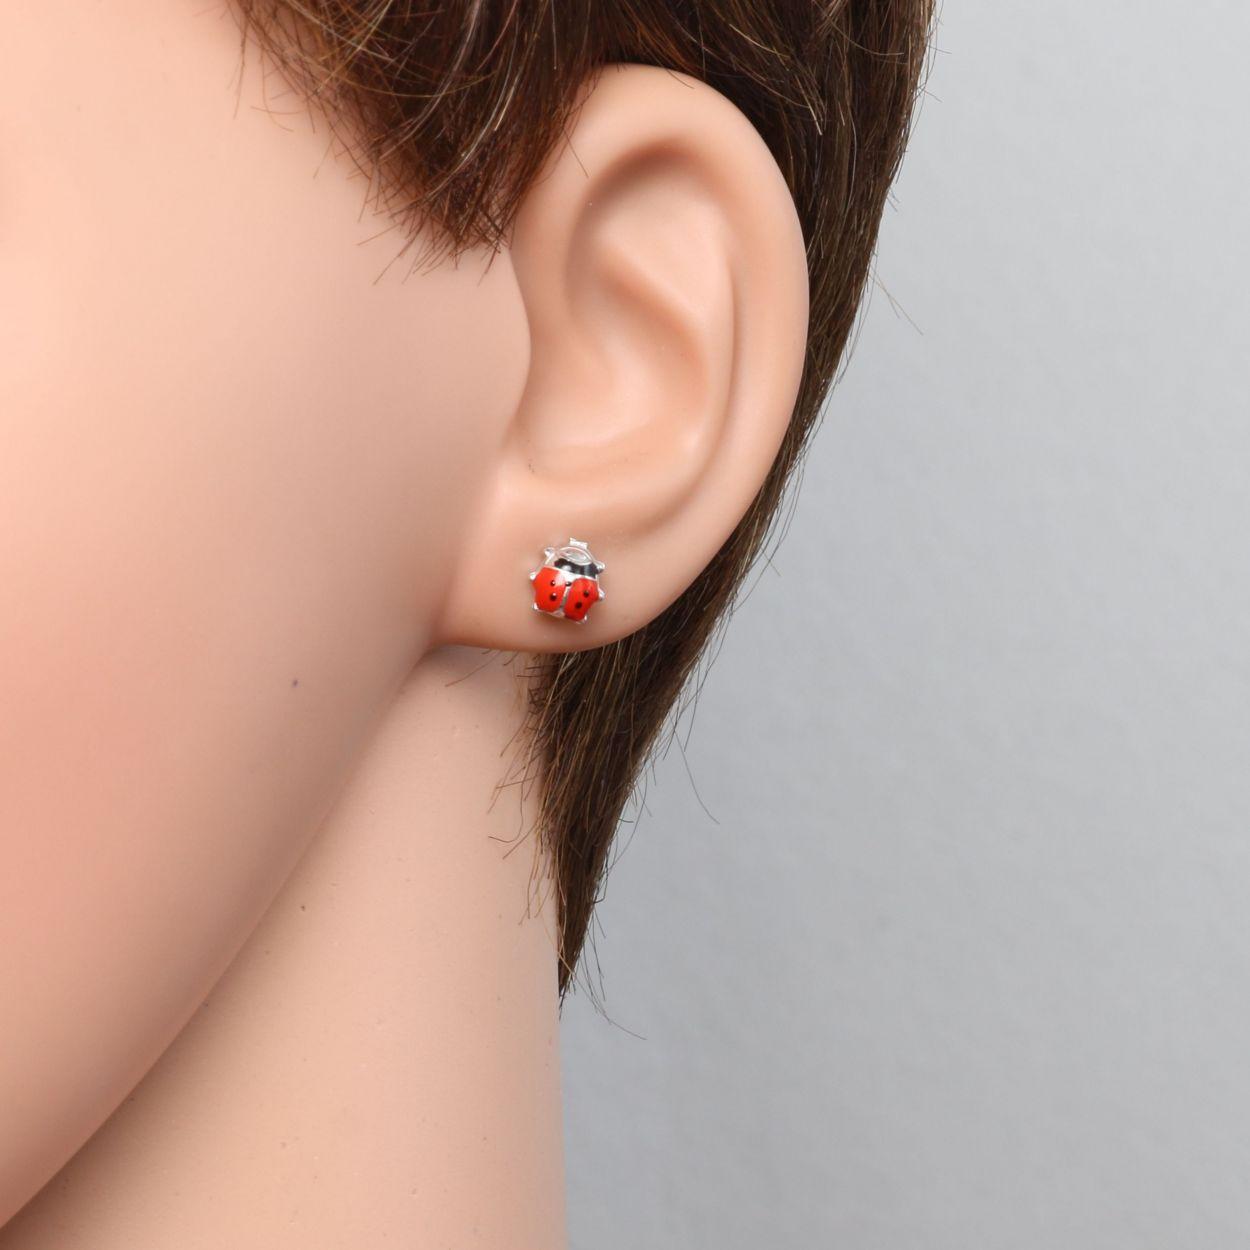 boucle d'oreille clou rouge